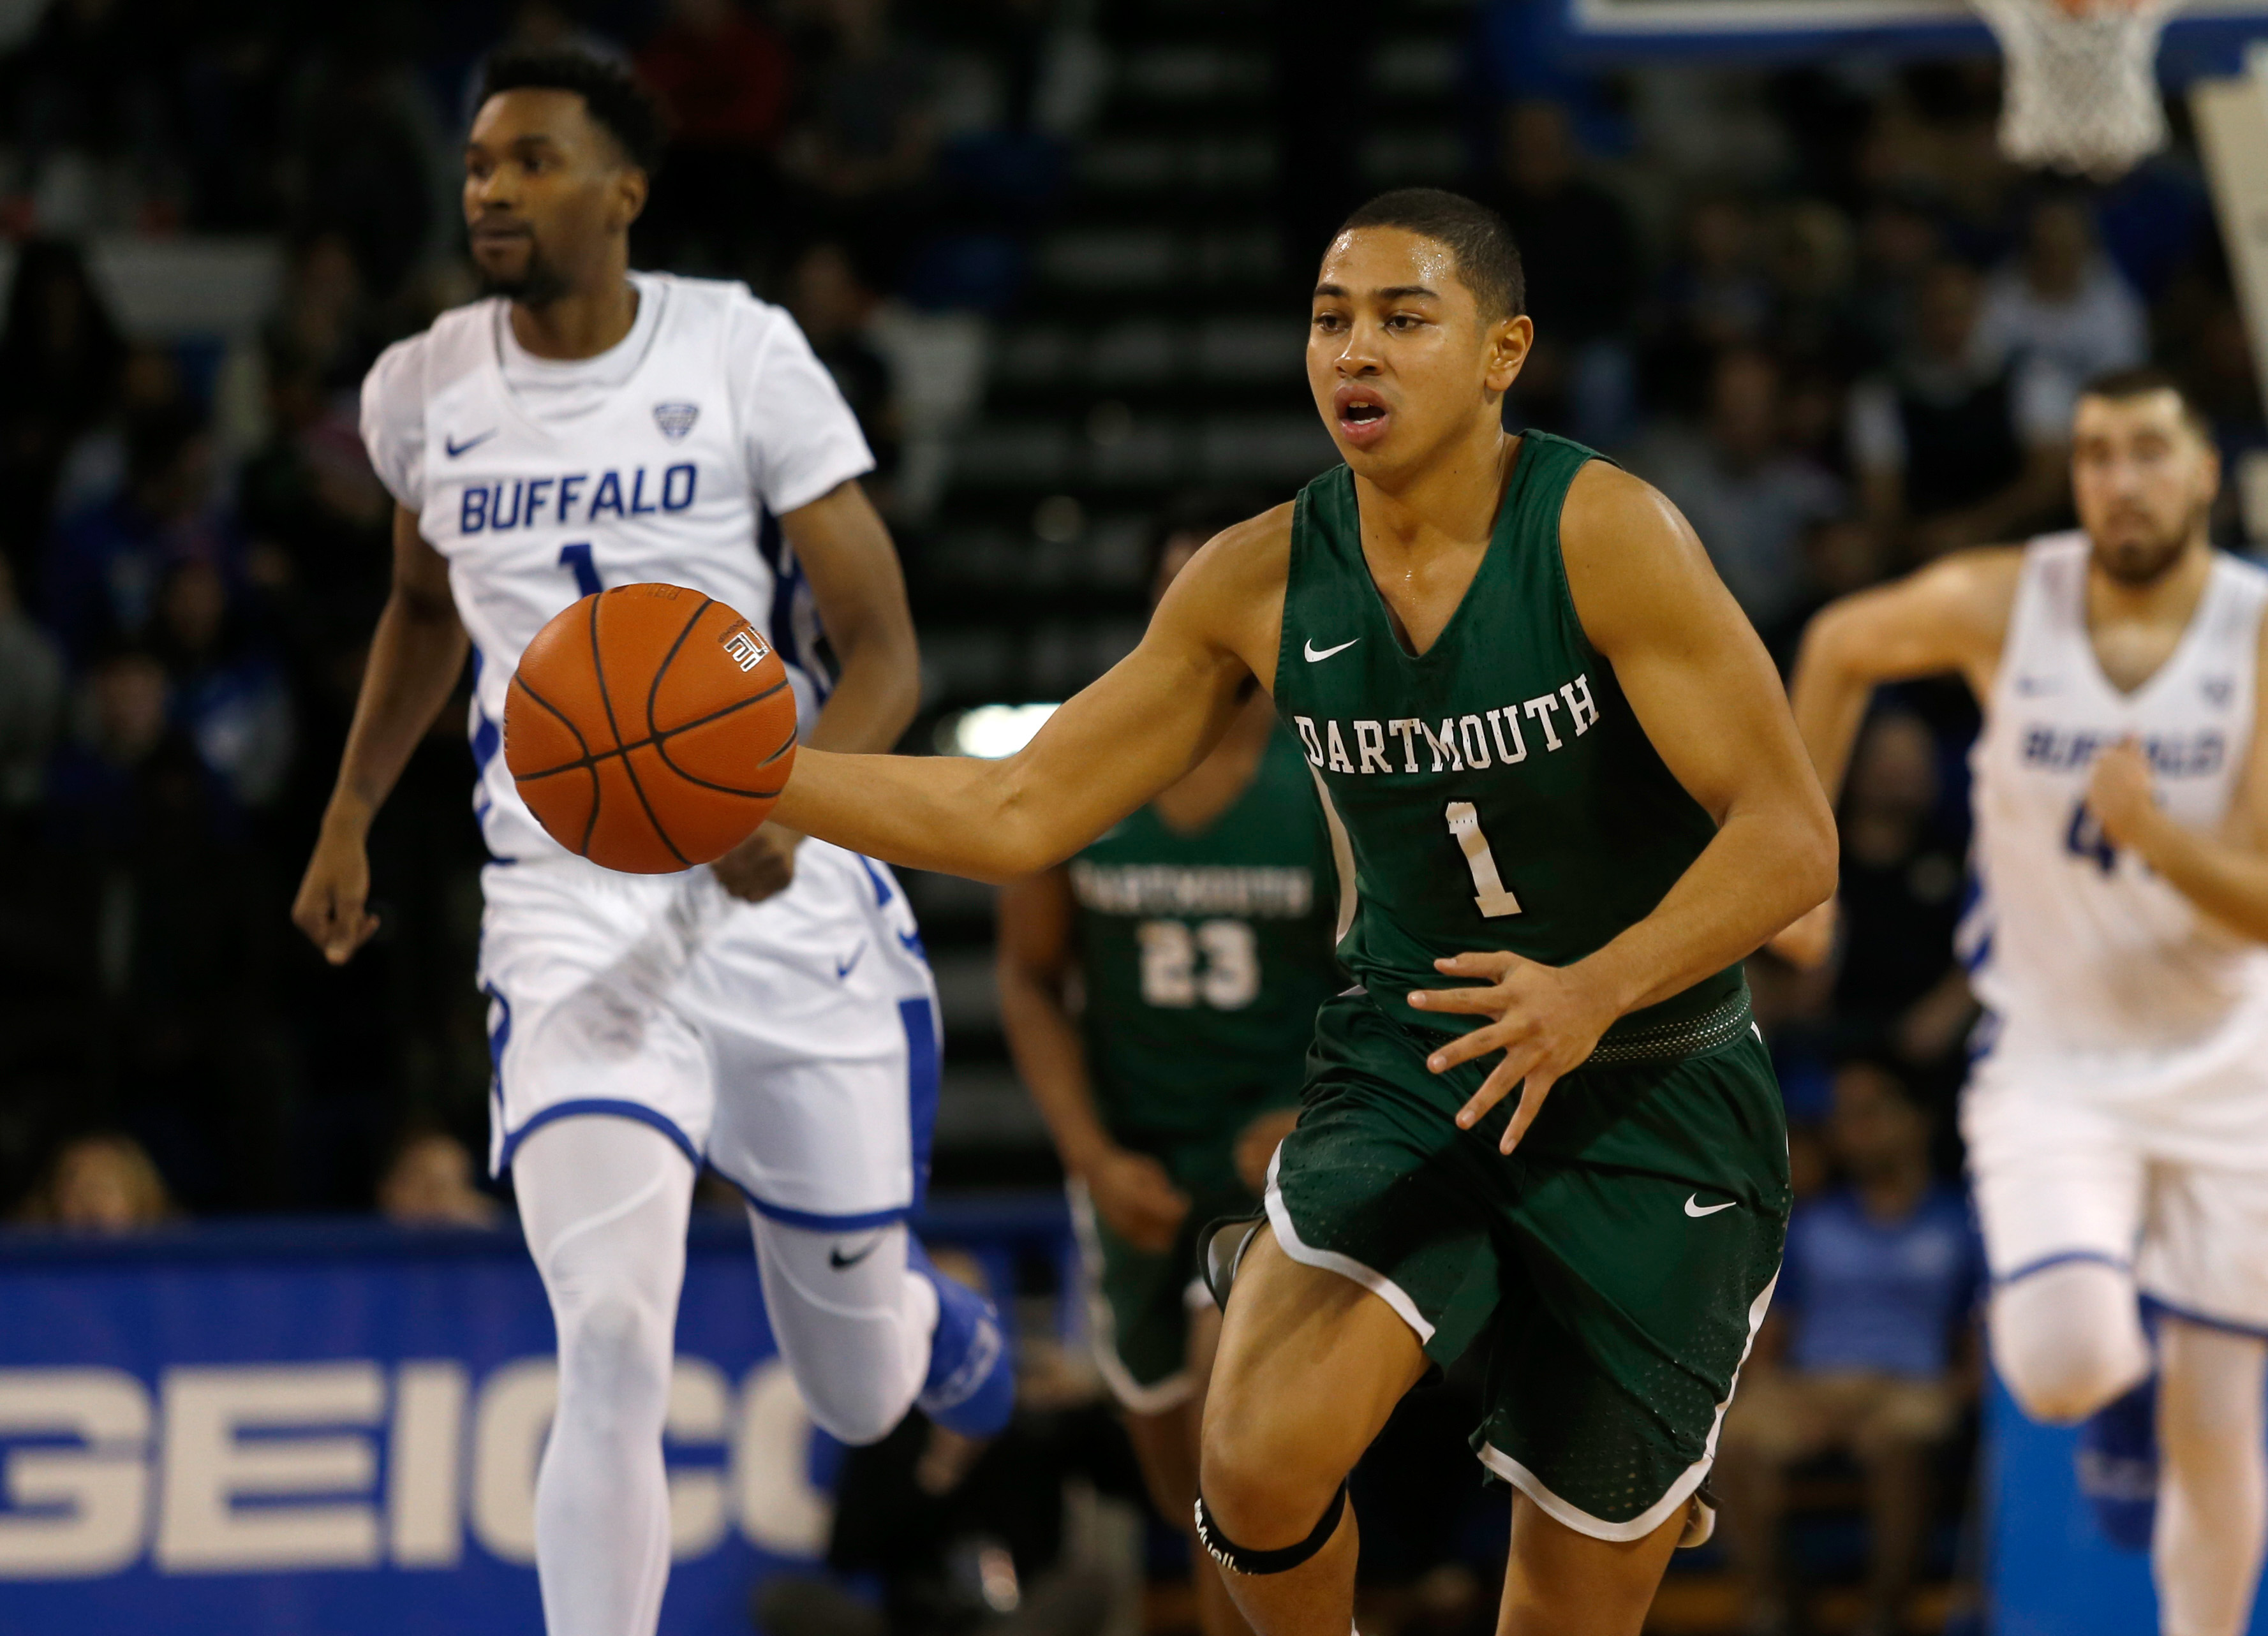 NCAA Basketball: Dartmouth at Buffalo